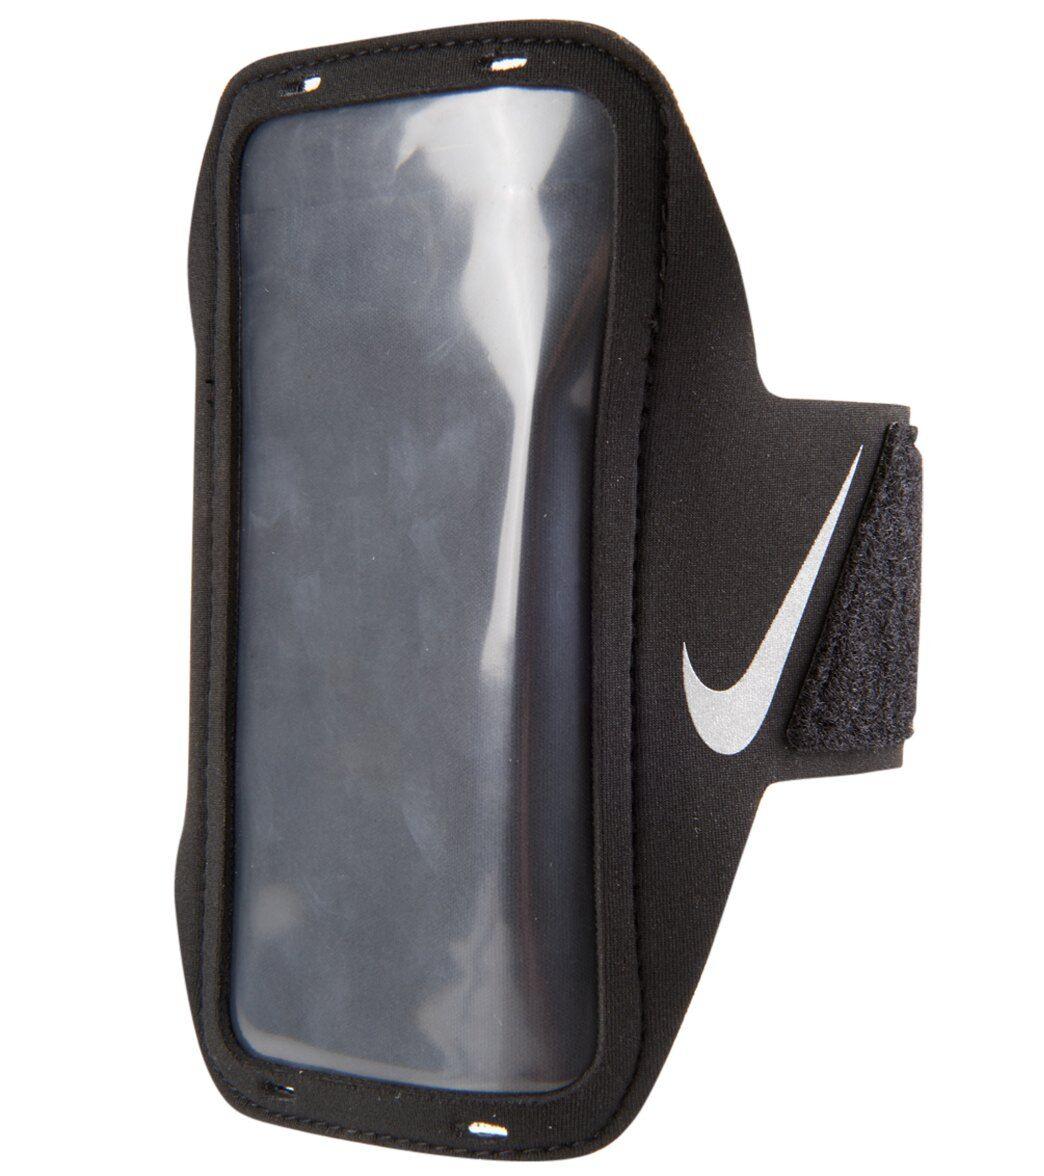 Nike Lean Arm Band For Phones - Black/Black/Silver Alluminum/Neoprene/Plastic/Polyester/Nylon - Swimoutlet.com